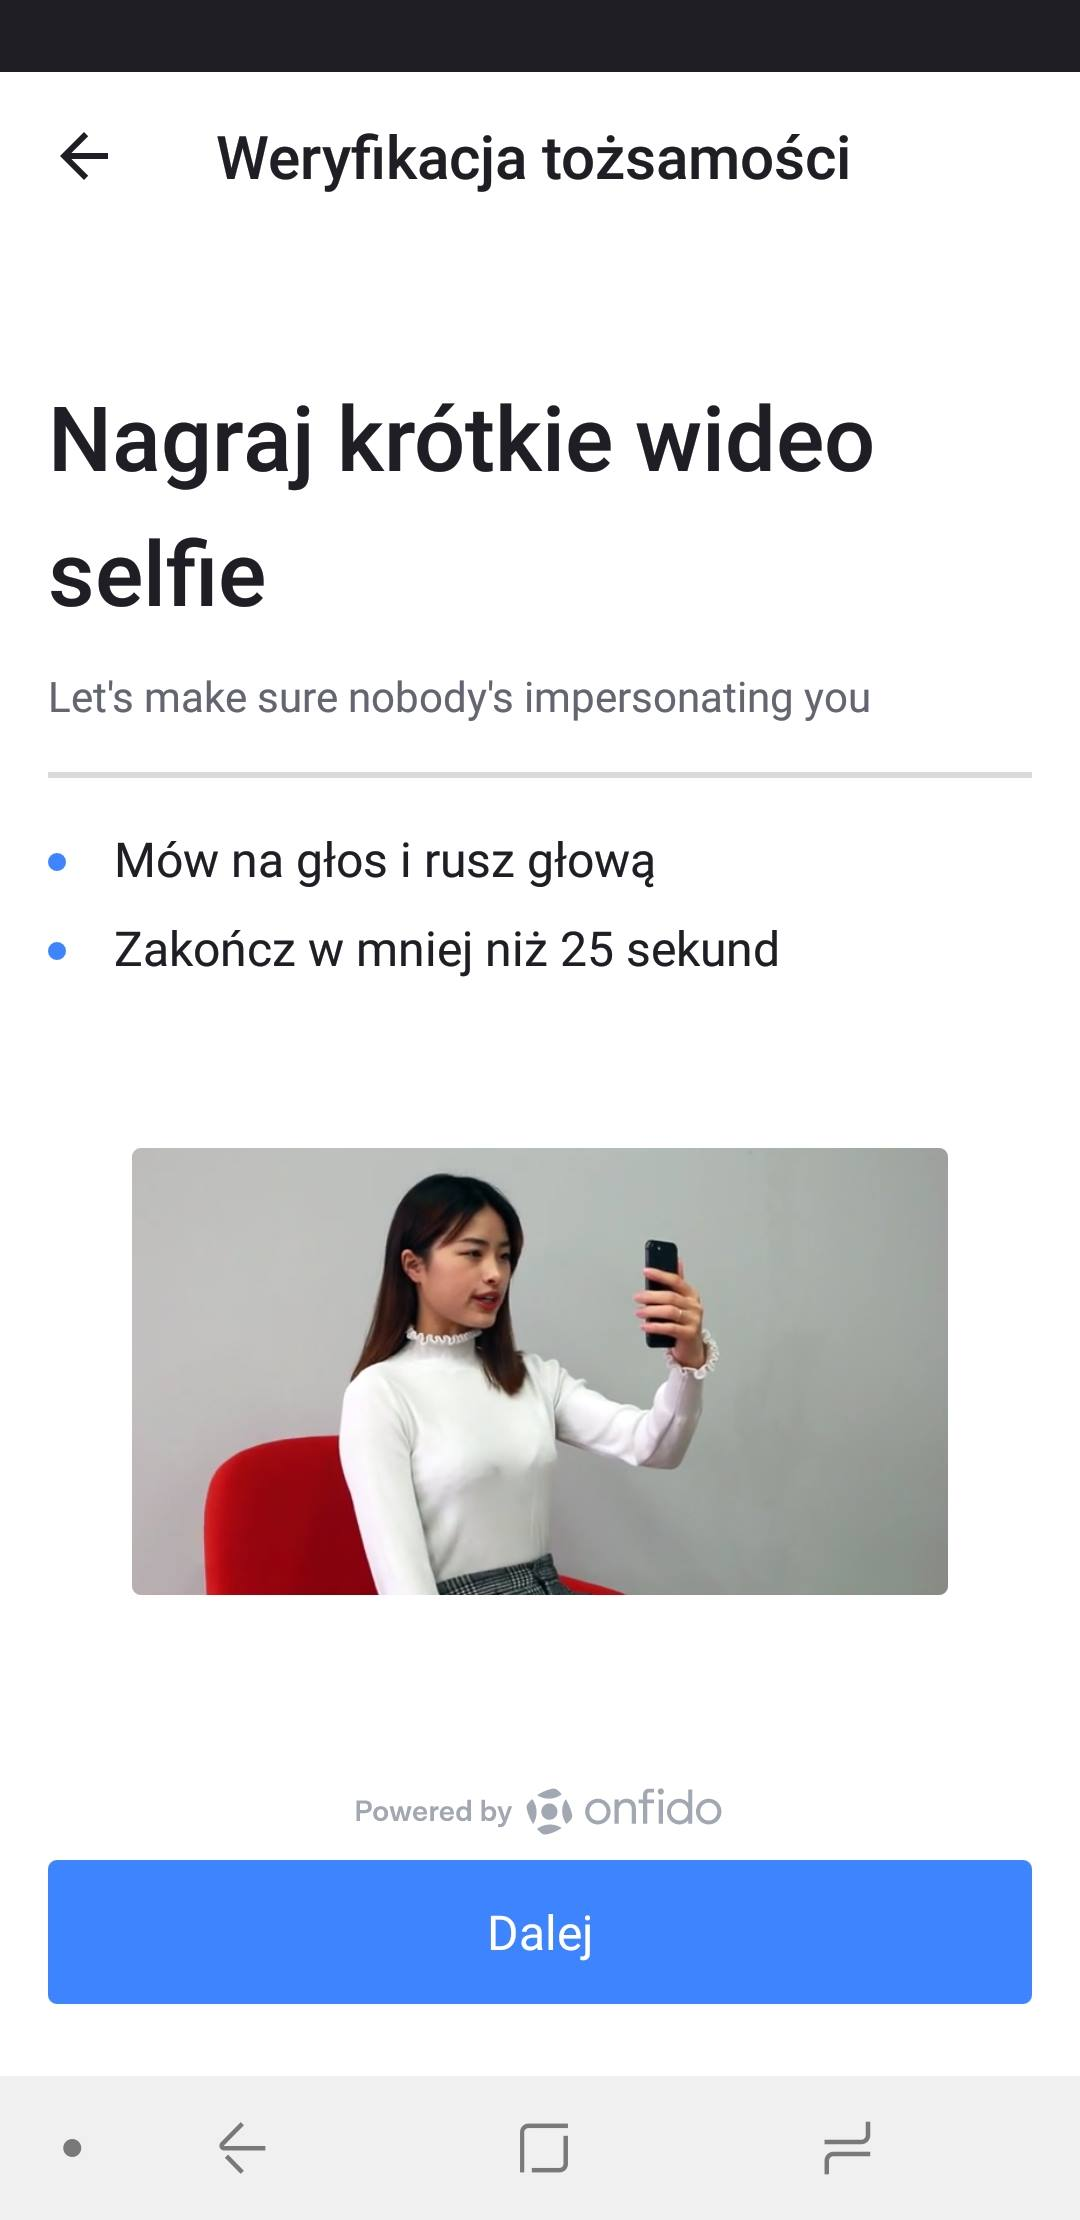 monese-selfie-2020-02-12 09.22.00